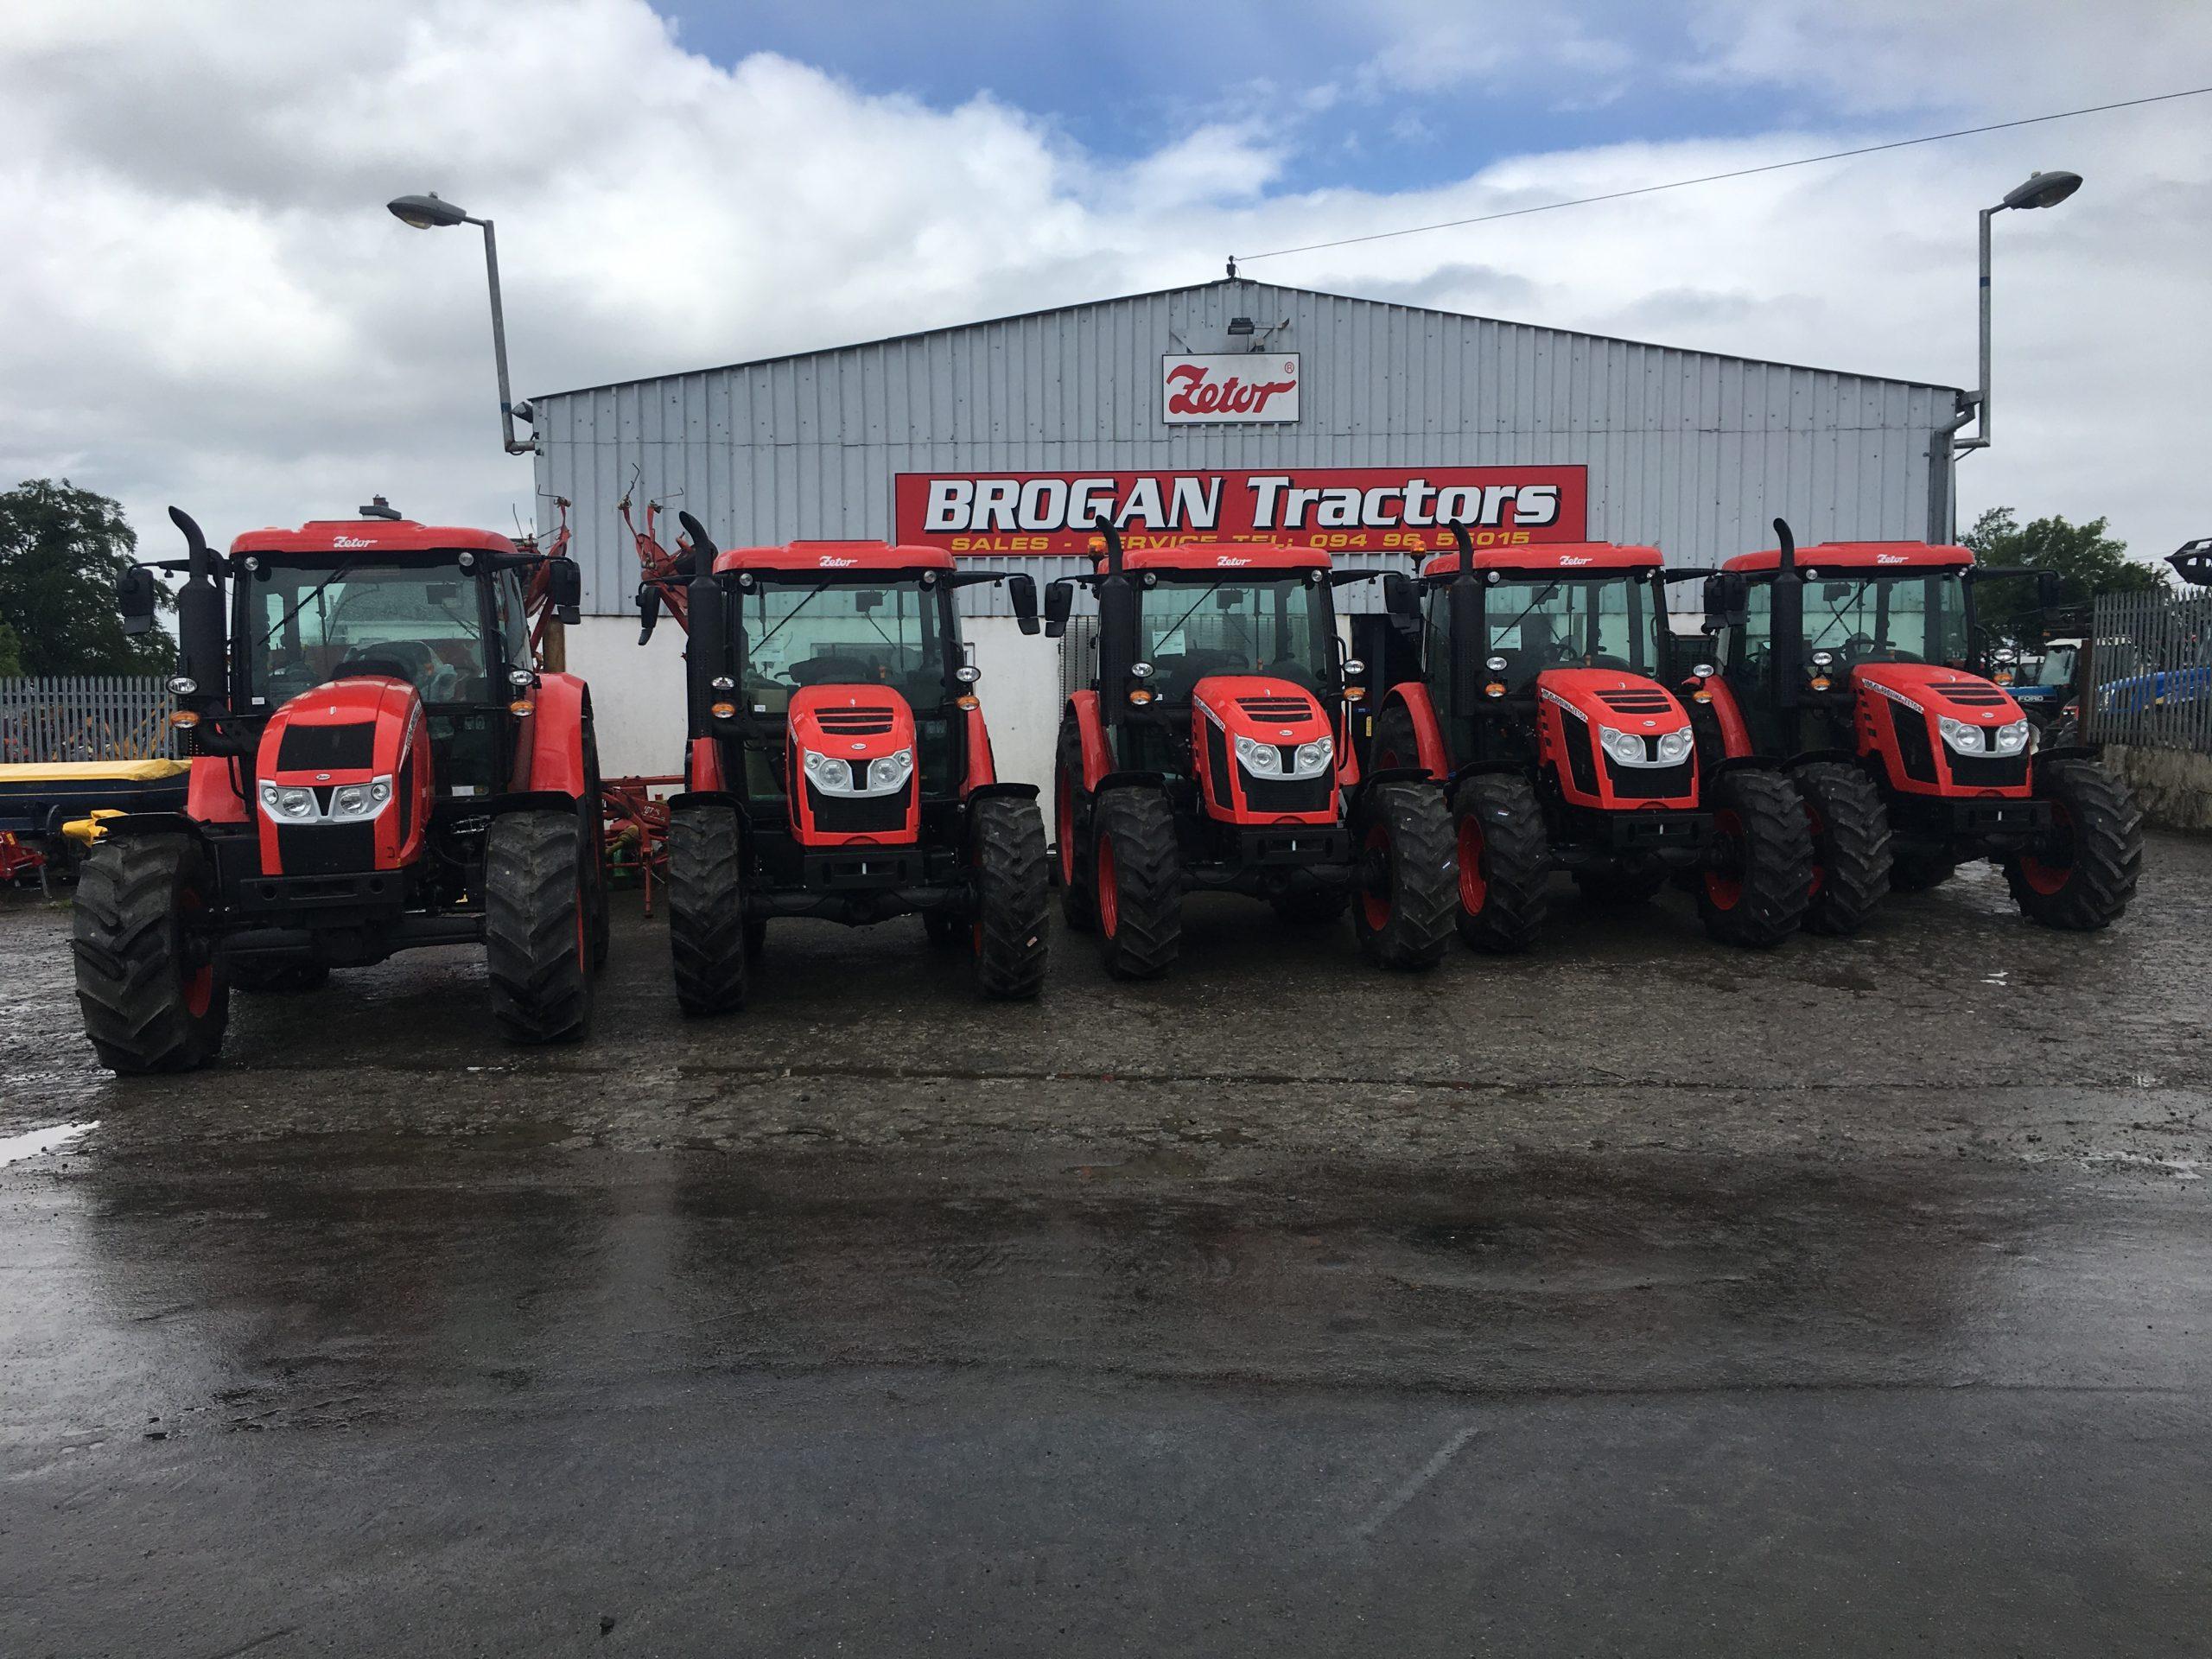 kevin brogan tractors